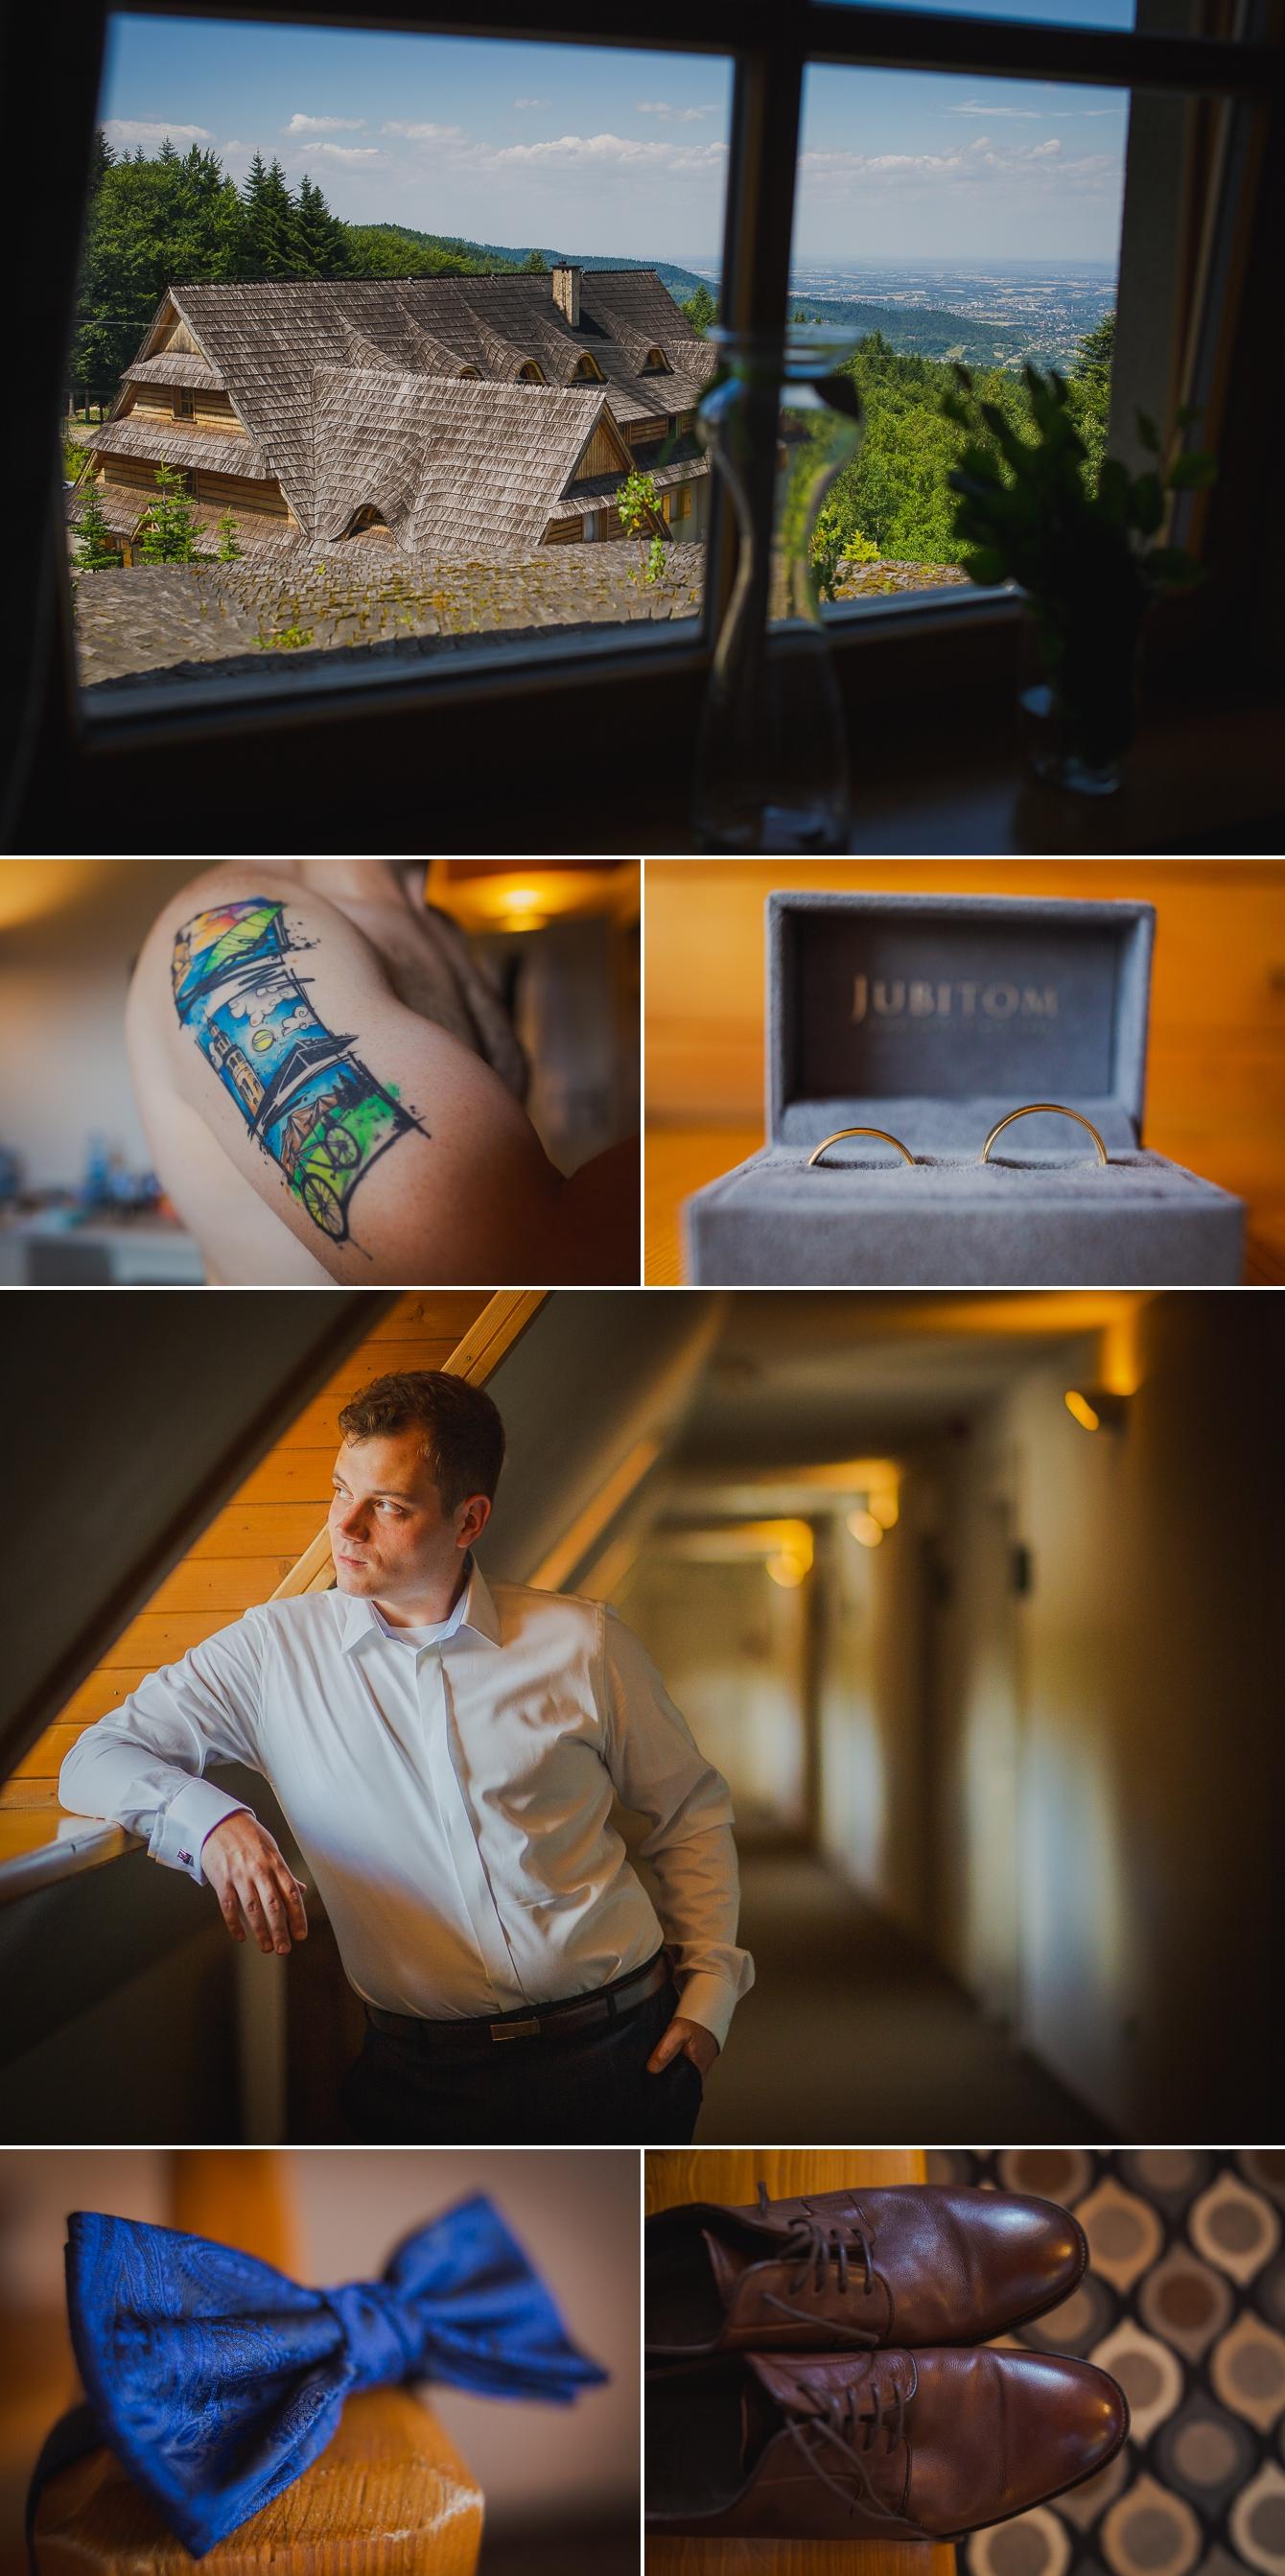 Ania i Damian - ślub w górach - Kocierz SPA - fotografia ślubna - bartek Wyrobek  (1).jpg